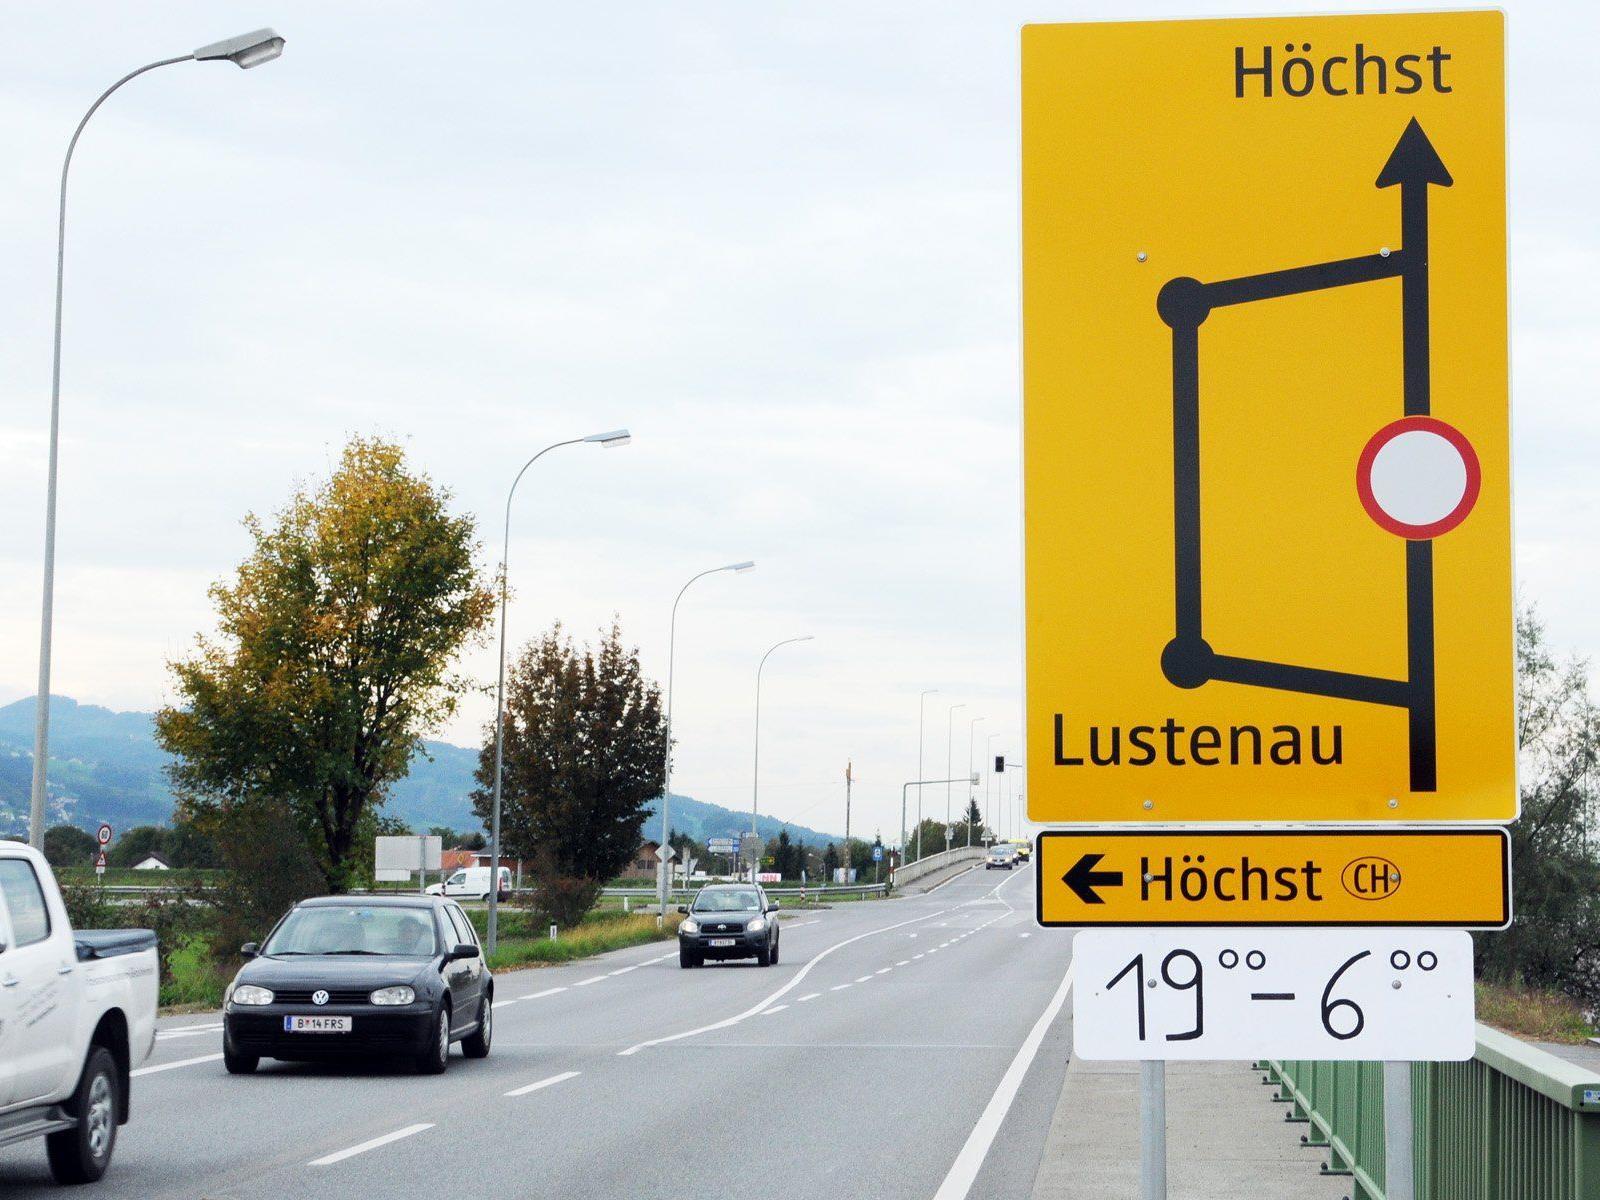 Die Rheinbrücke Hard-Fußach ist vermutlich für zwei Nächte gesperrt. Erste Sperre am 15.10. ab 19:00 Uhr